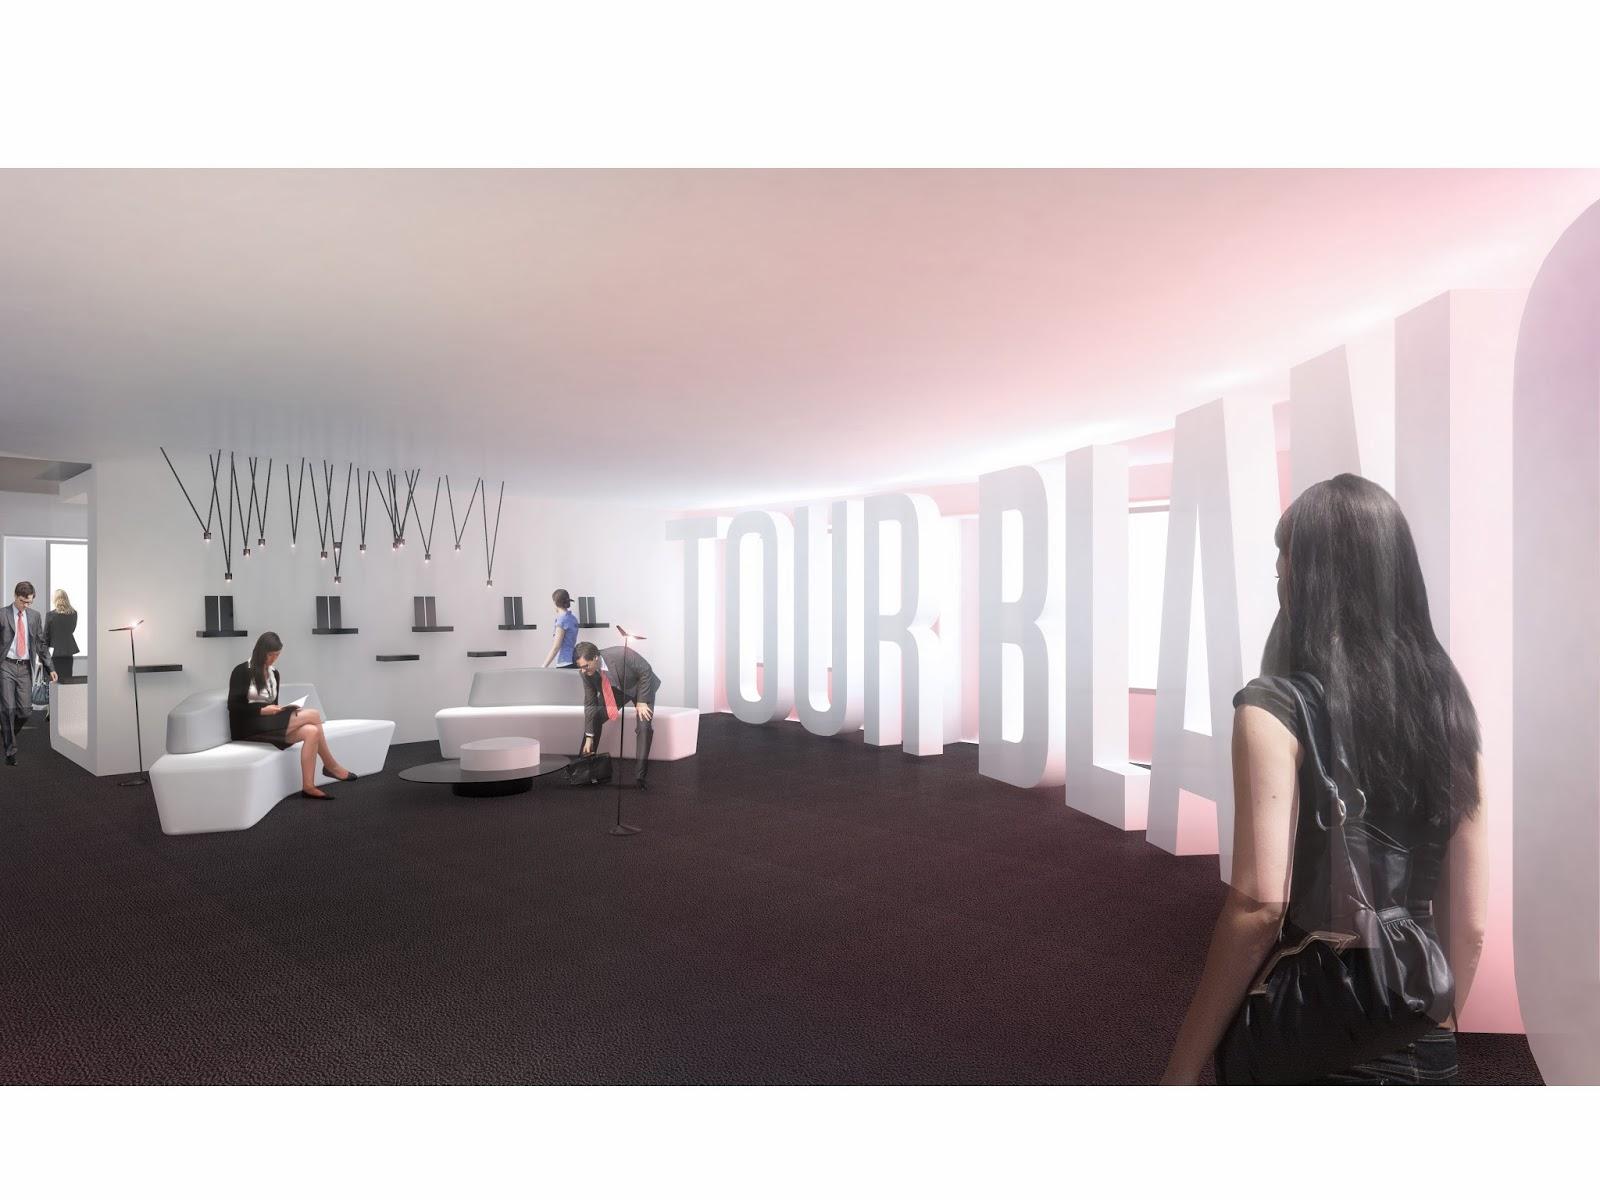 agence d 39 architecture int rieure parallel paris marketing suite la tour blanche. Black Bedroom Furniture Sets. Home Design Ideas